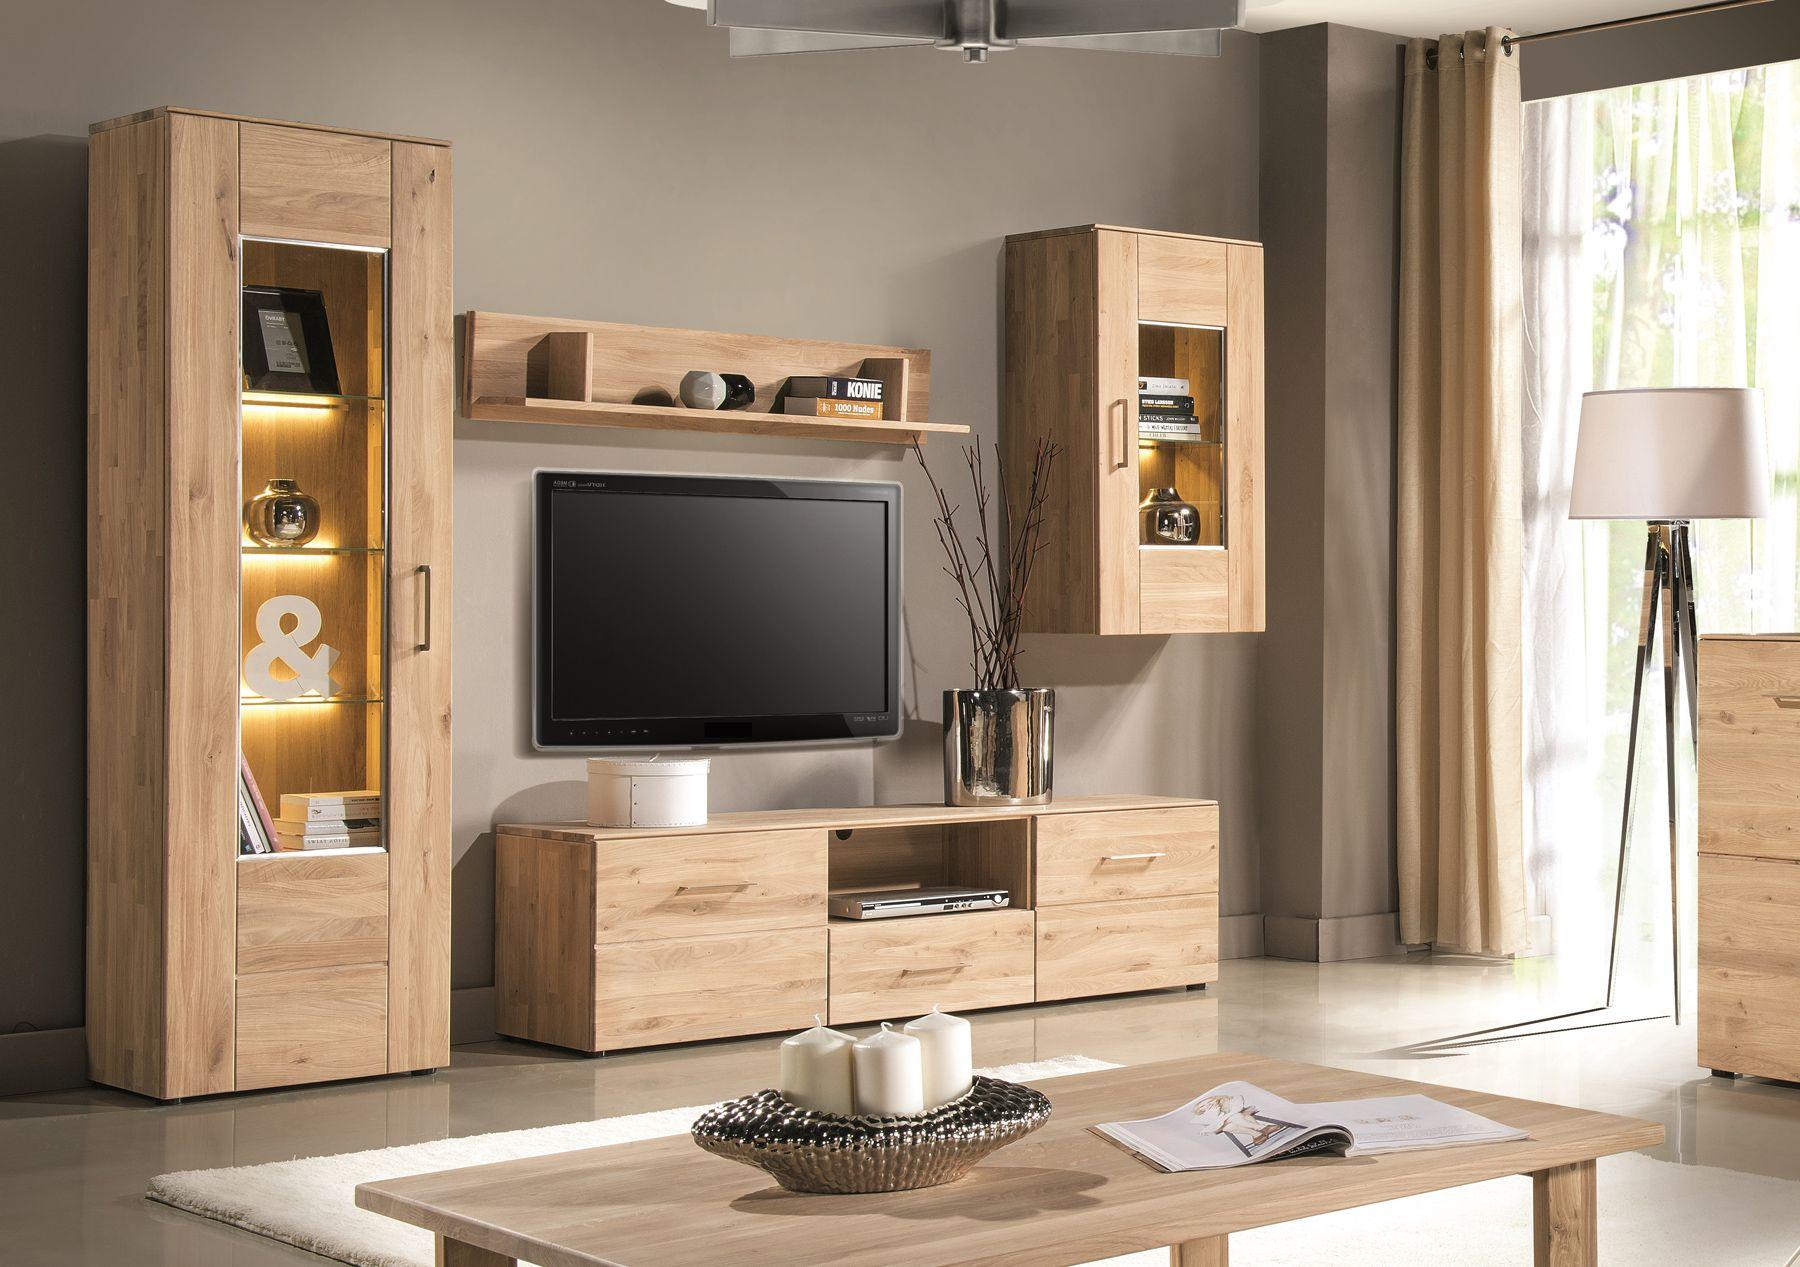 Genial wohnwand eiche geölt -  Einrichtungsideen wohnzimmer holz